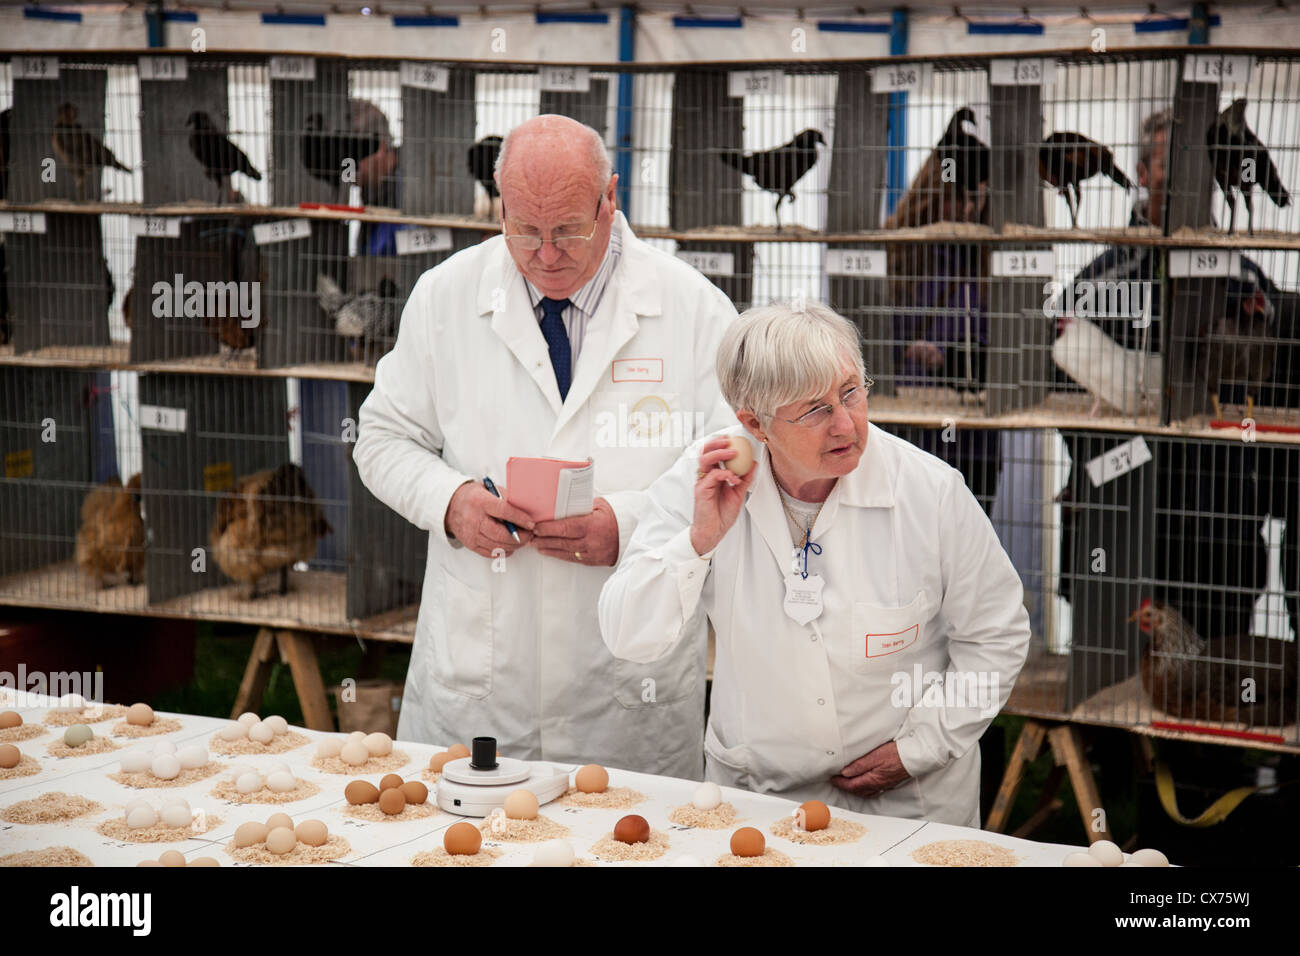 Les juges L'évaluation des entrées d'oeufs au comté de Westmorland 2012 Show, près de Photo Stock